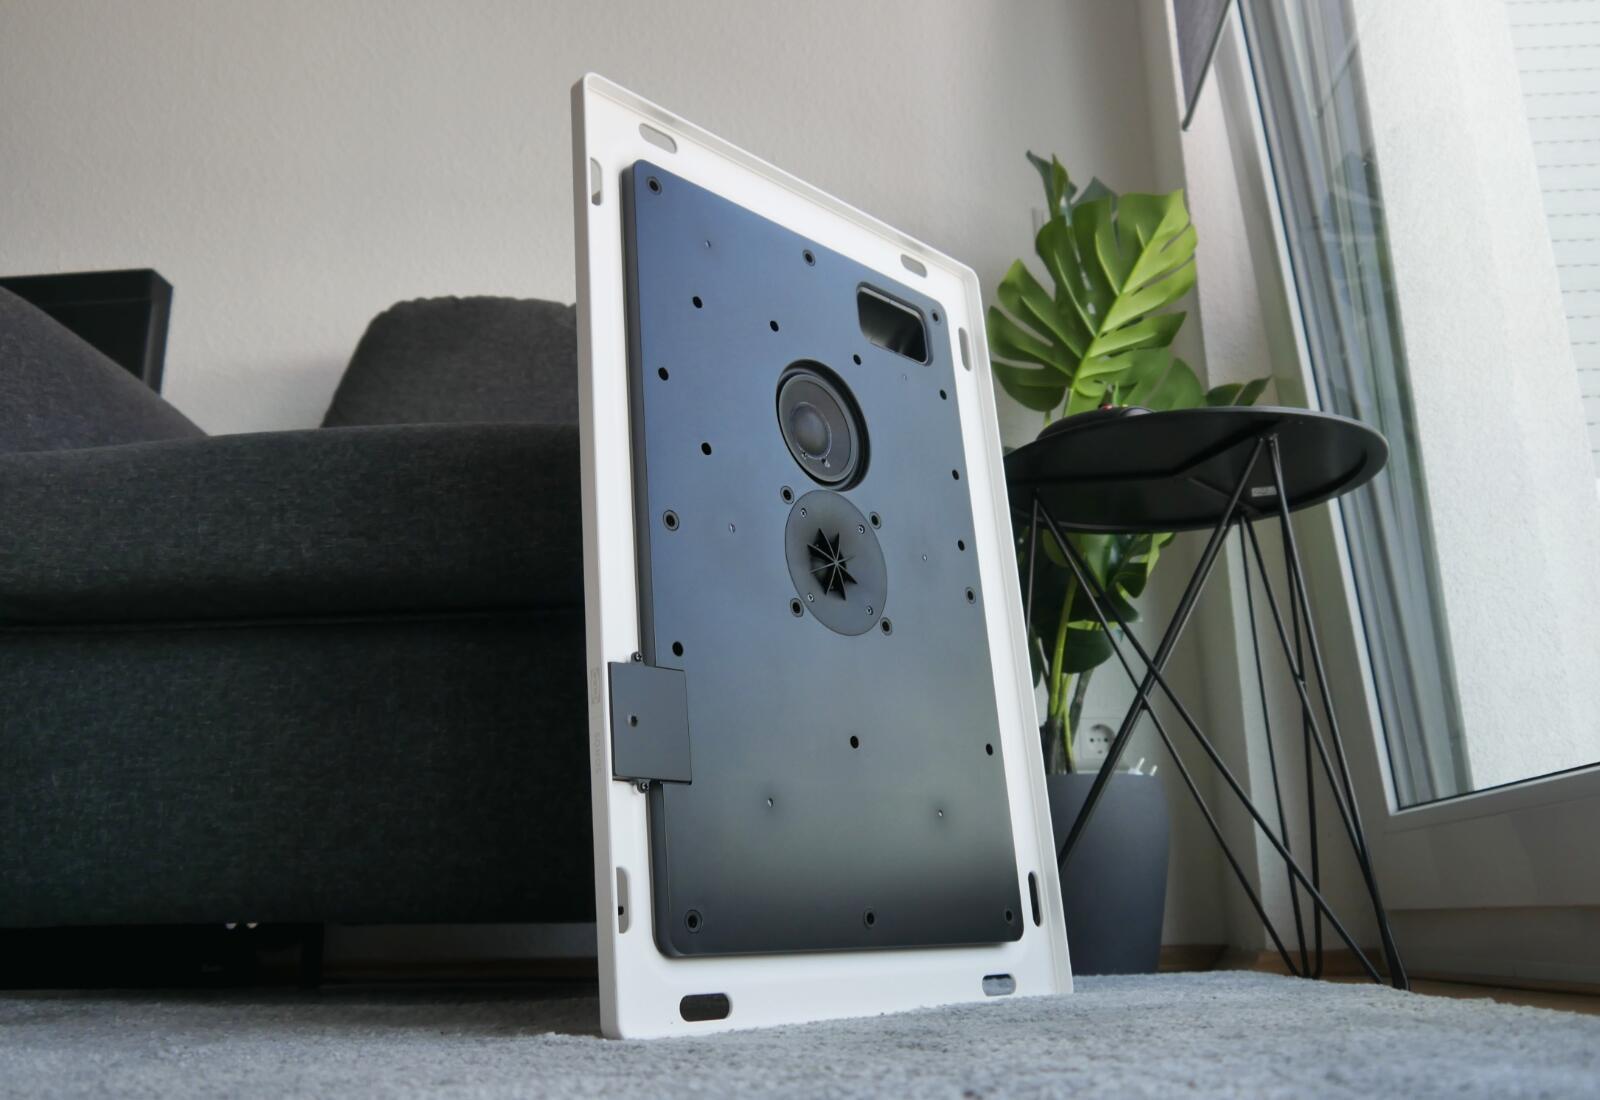 Ikea Sonos Symfonisk Bild Rahmen Offen